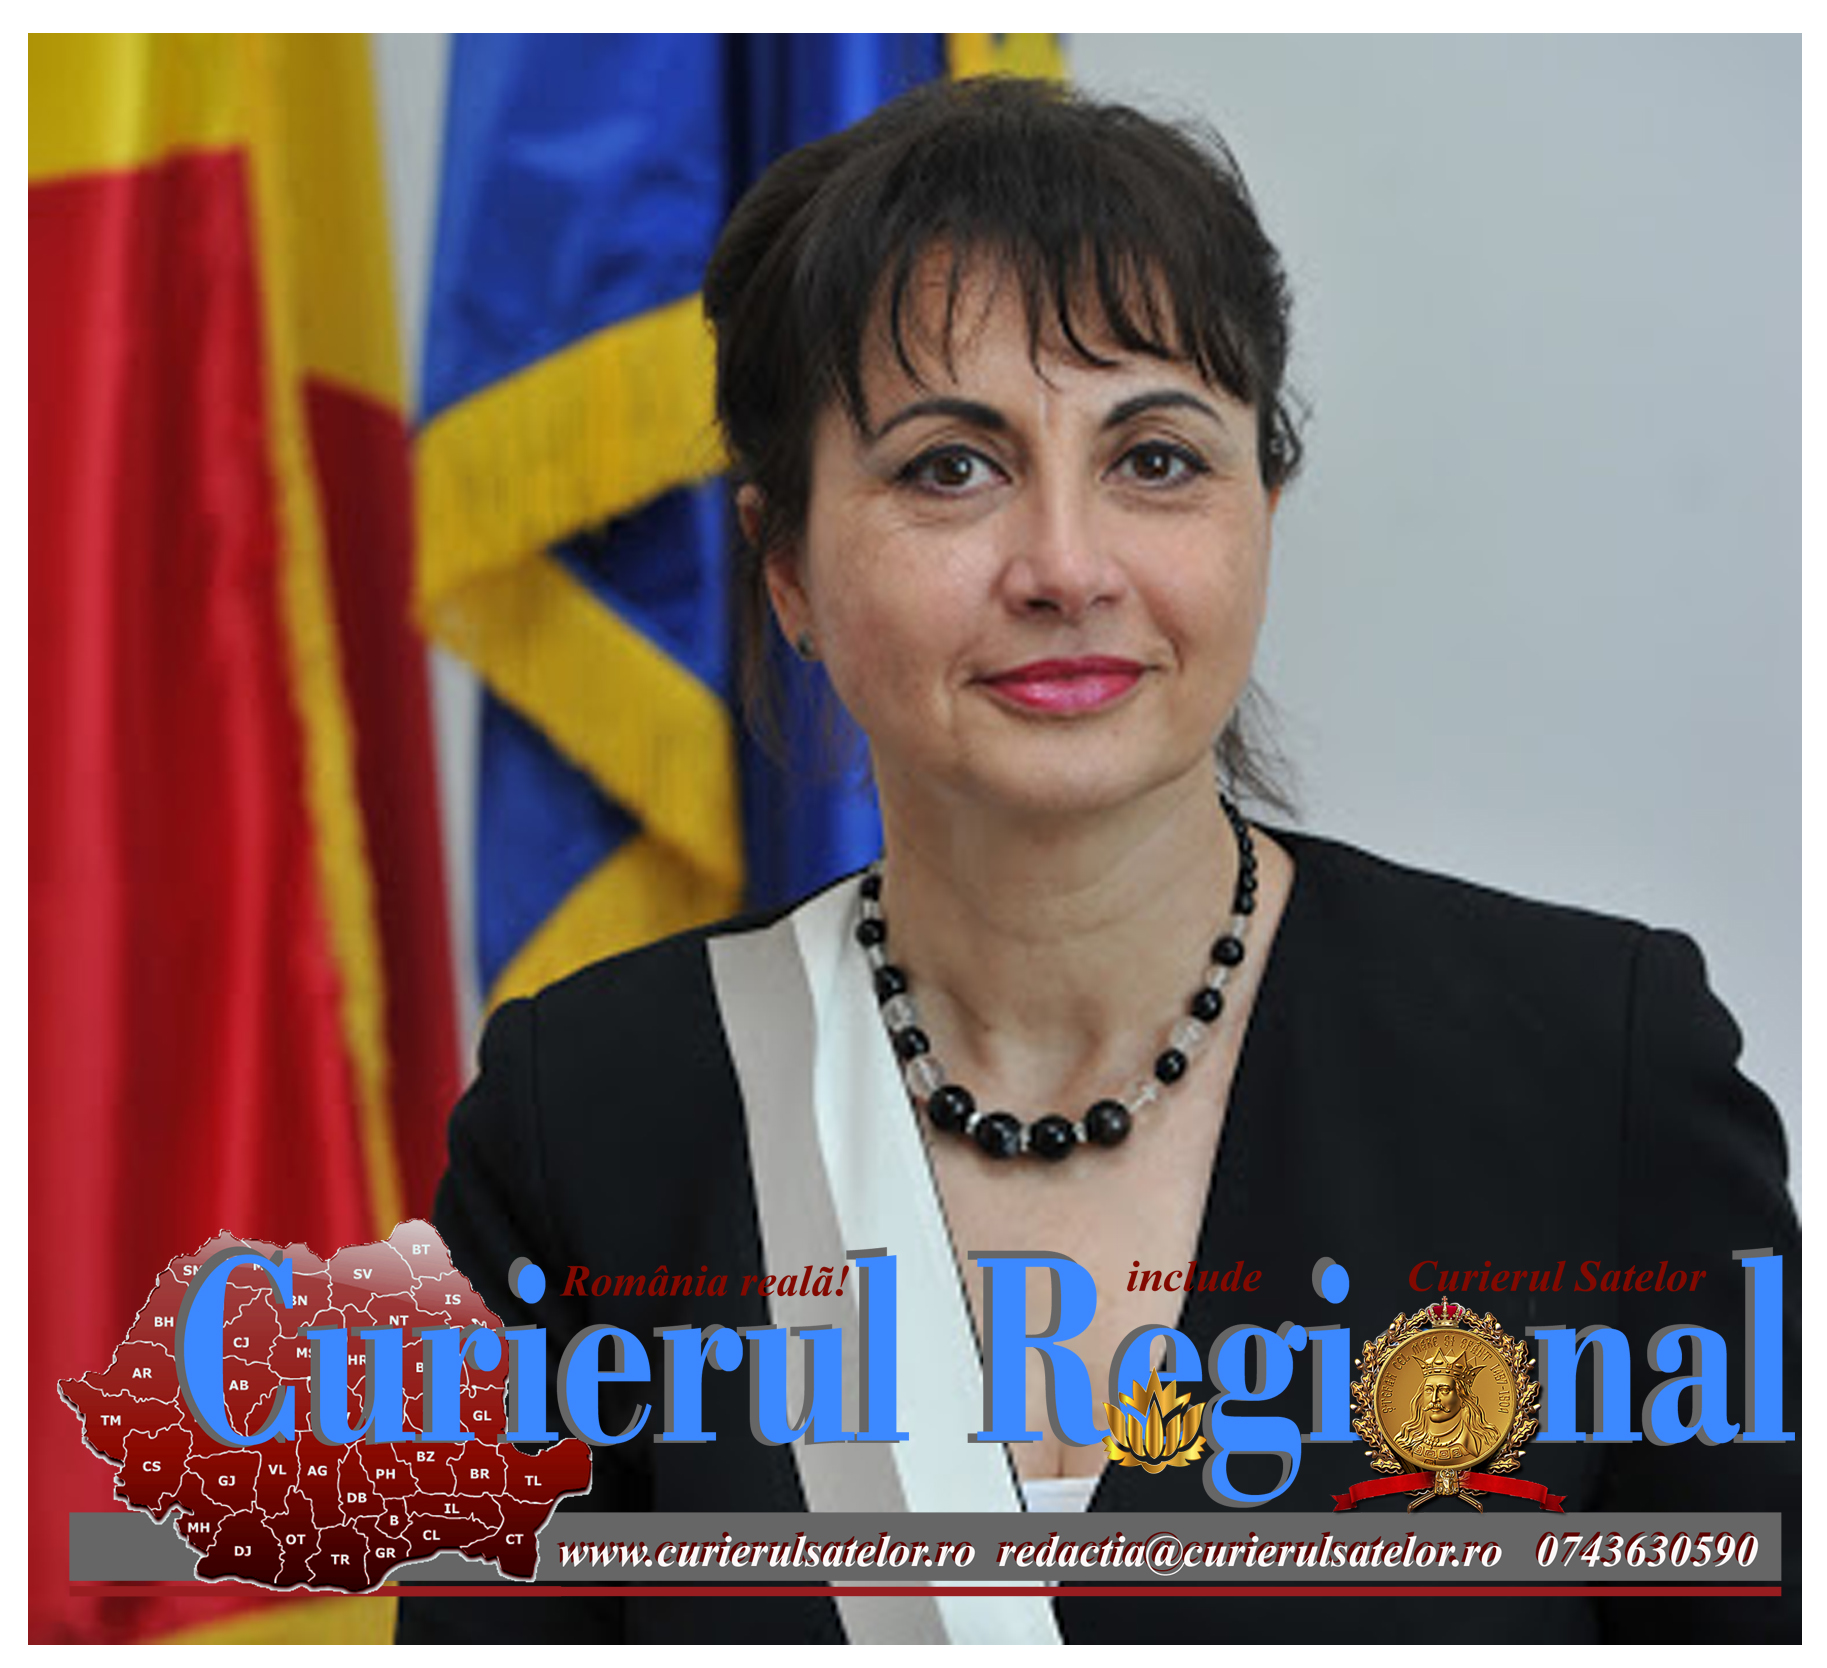 Luat la bani mărunți de un deputat din Botoșani, în fața problemelor din Sănătate, ministrul Costache a bătut câmpii 11